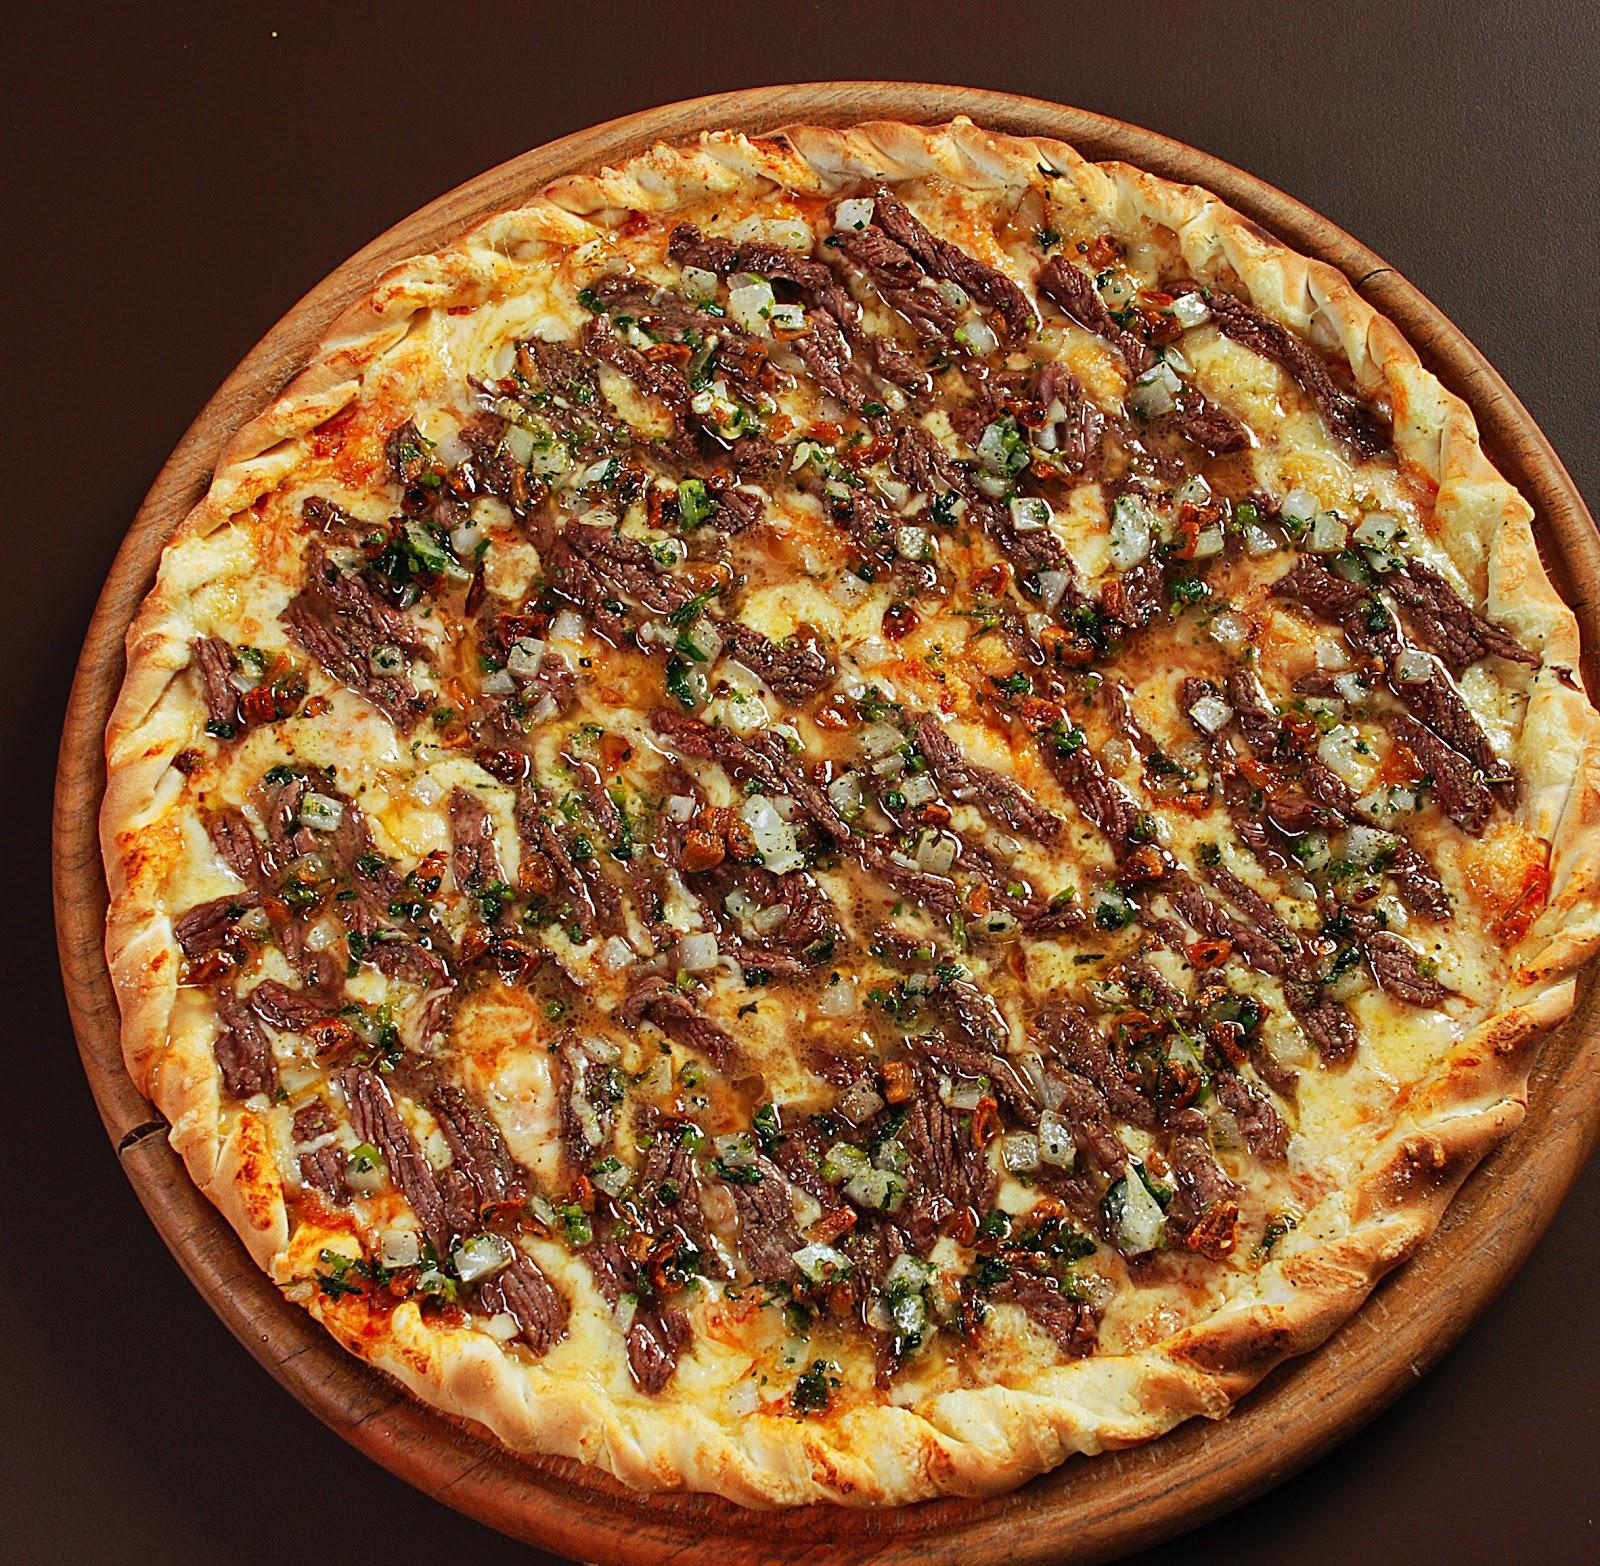 marian guimaraes emblog Pizza de Picanha ao Alho e leo